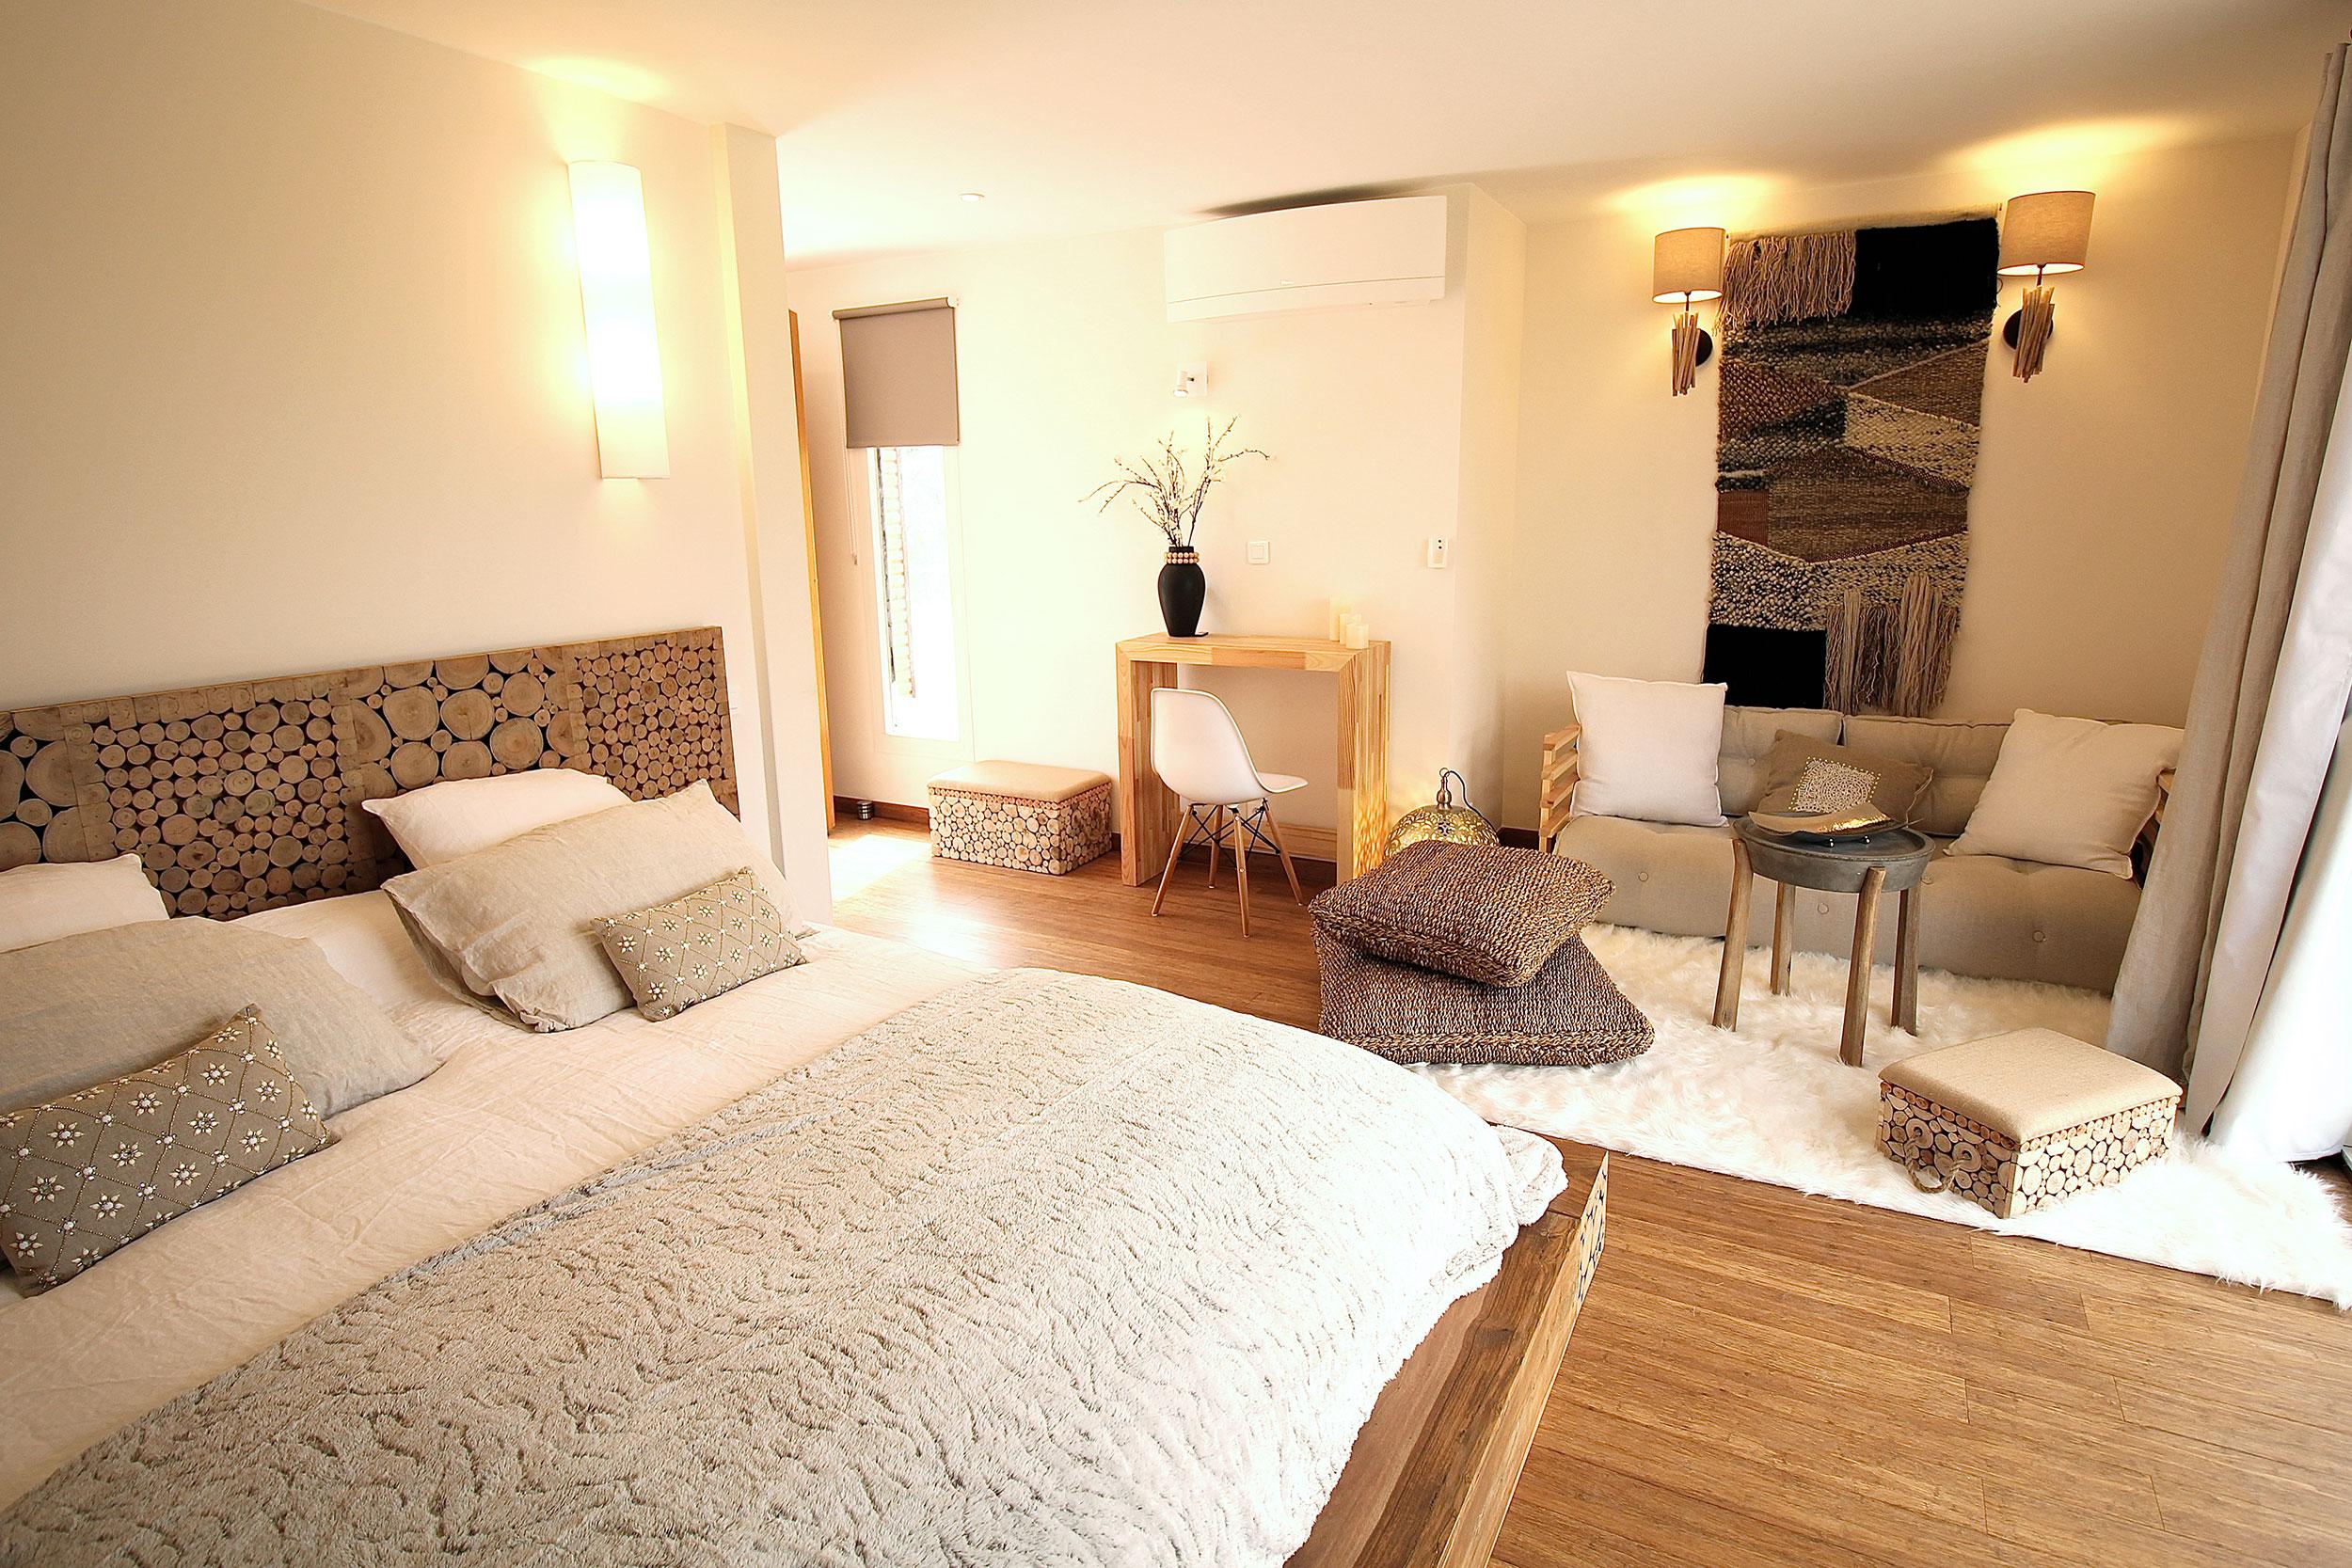 Location du mas chambres d 39 h tes en provence le mas des cigales - Chambre d hotes salon de provence ...